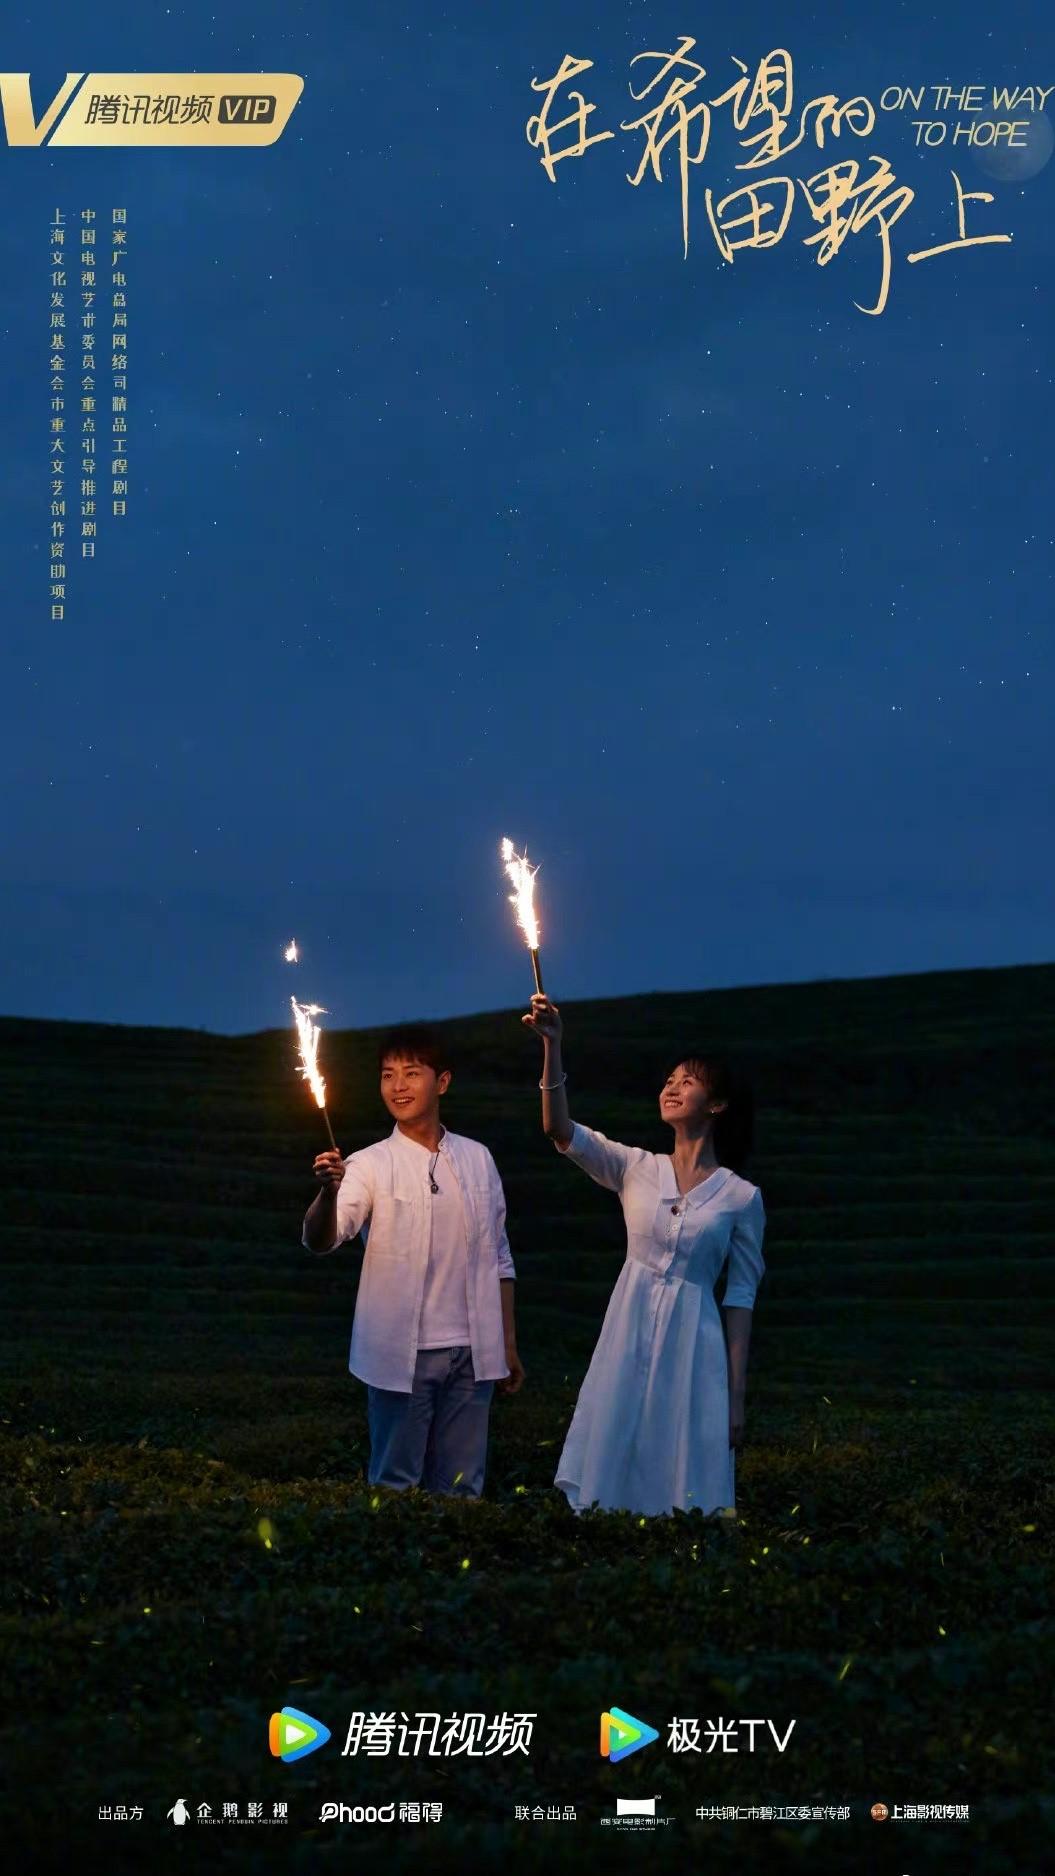 安悦溪《在希望的田野上》即将播出 (4).jpg